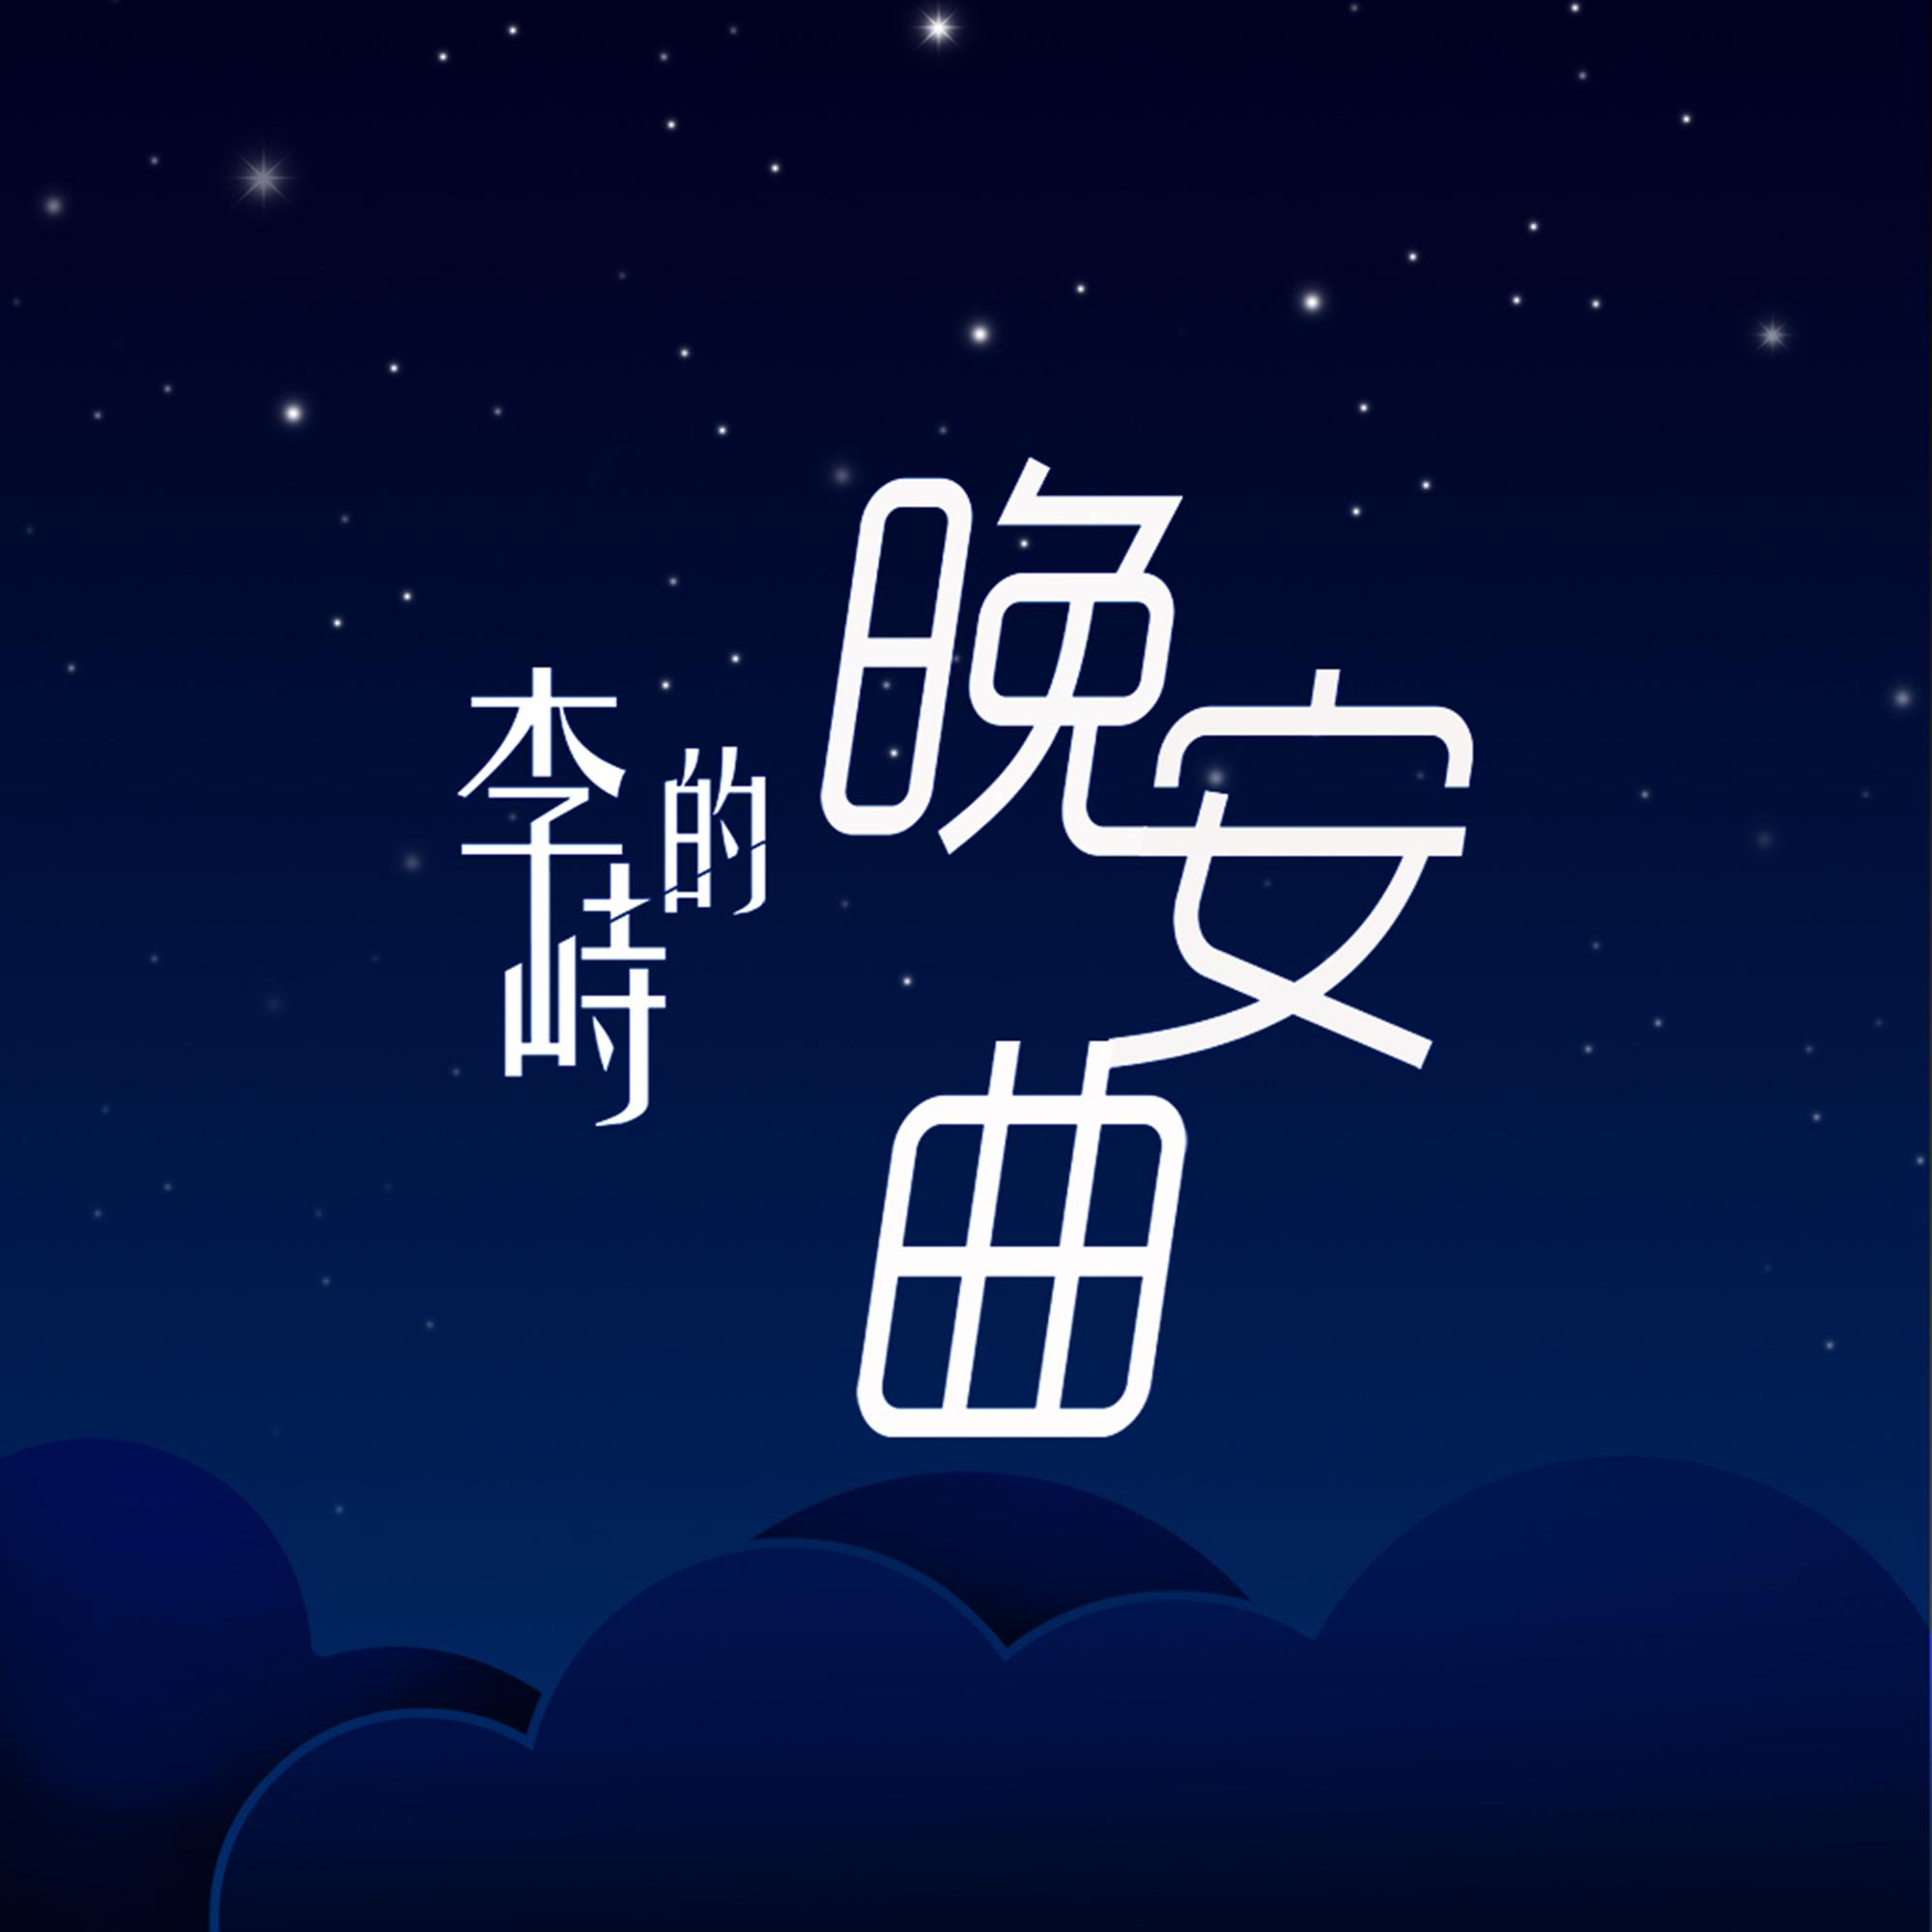 李峙的晚安曲